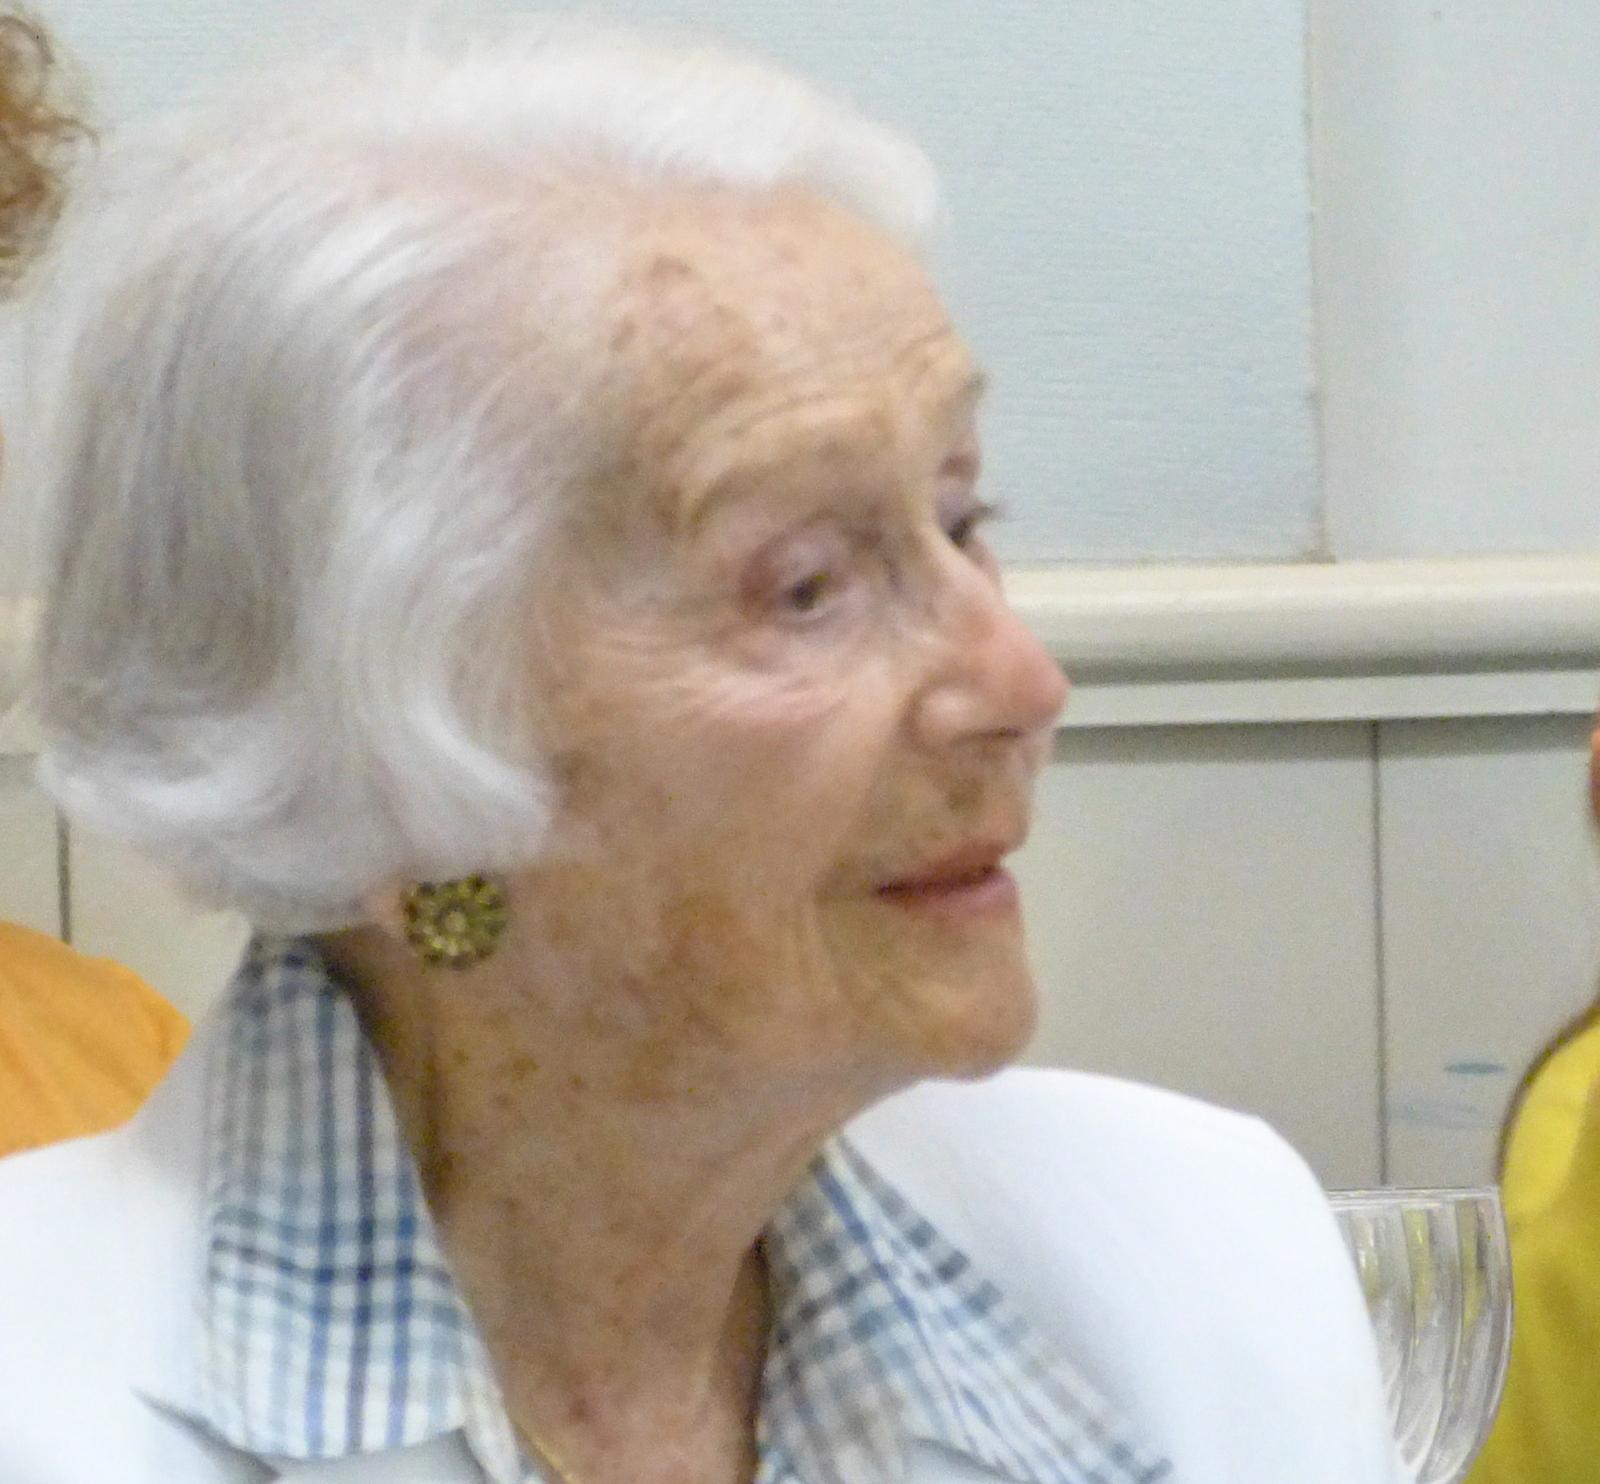 Gisèle Casadesus - Ars en Ré - 21 août 2014